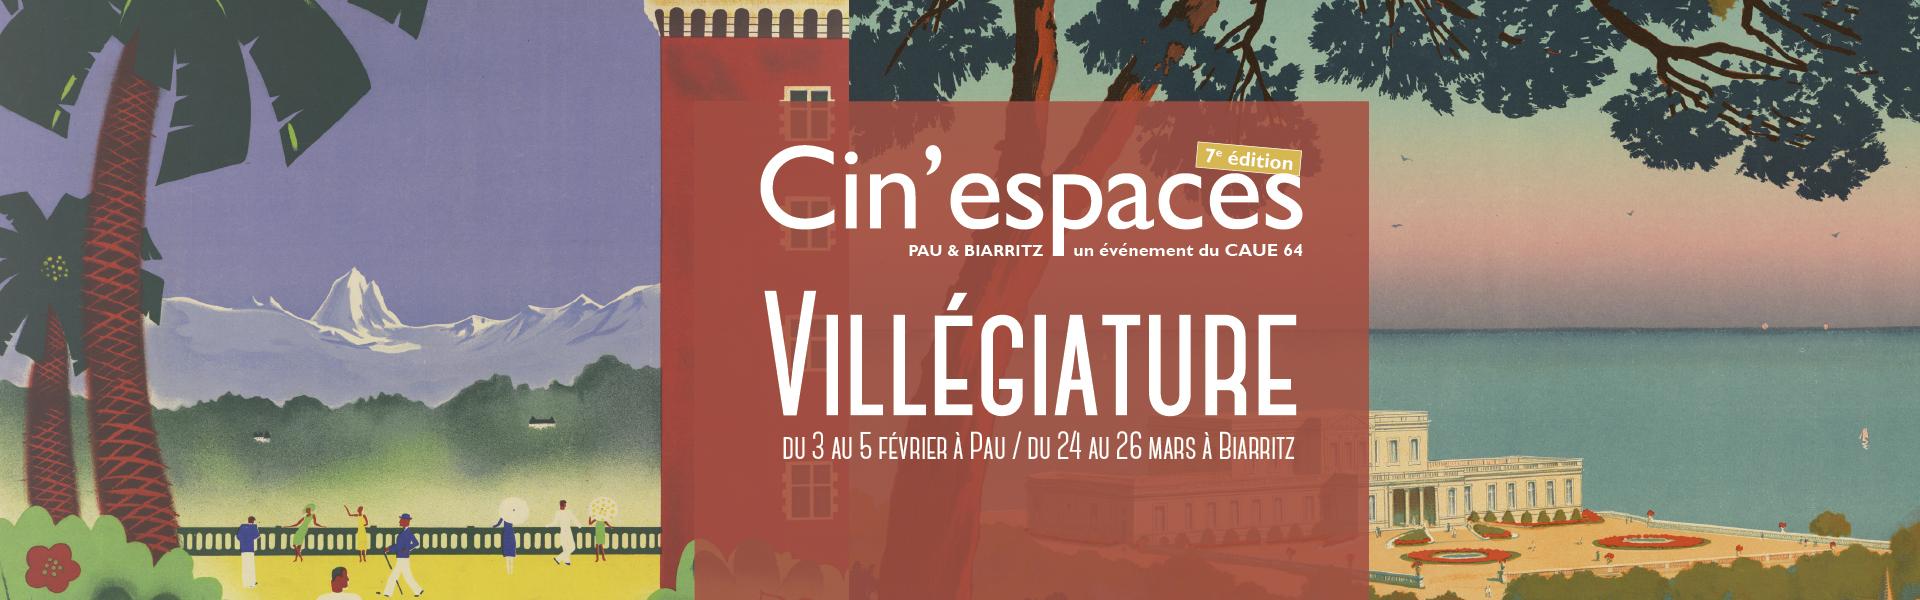 De la villégiature au tourisme : Cin'espaces 7ème édition